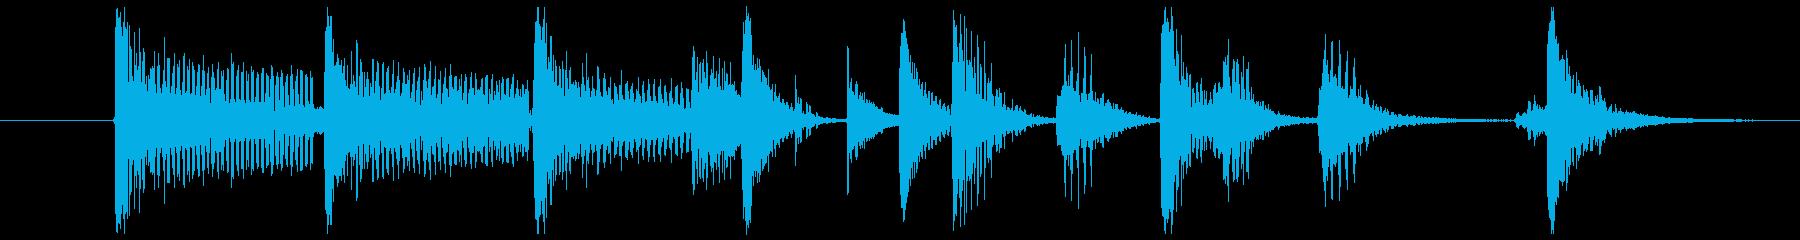 ピアノとベースとドラムのジングルの再生済みの波形